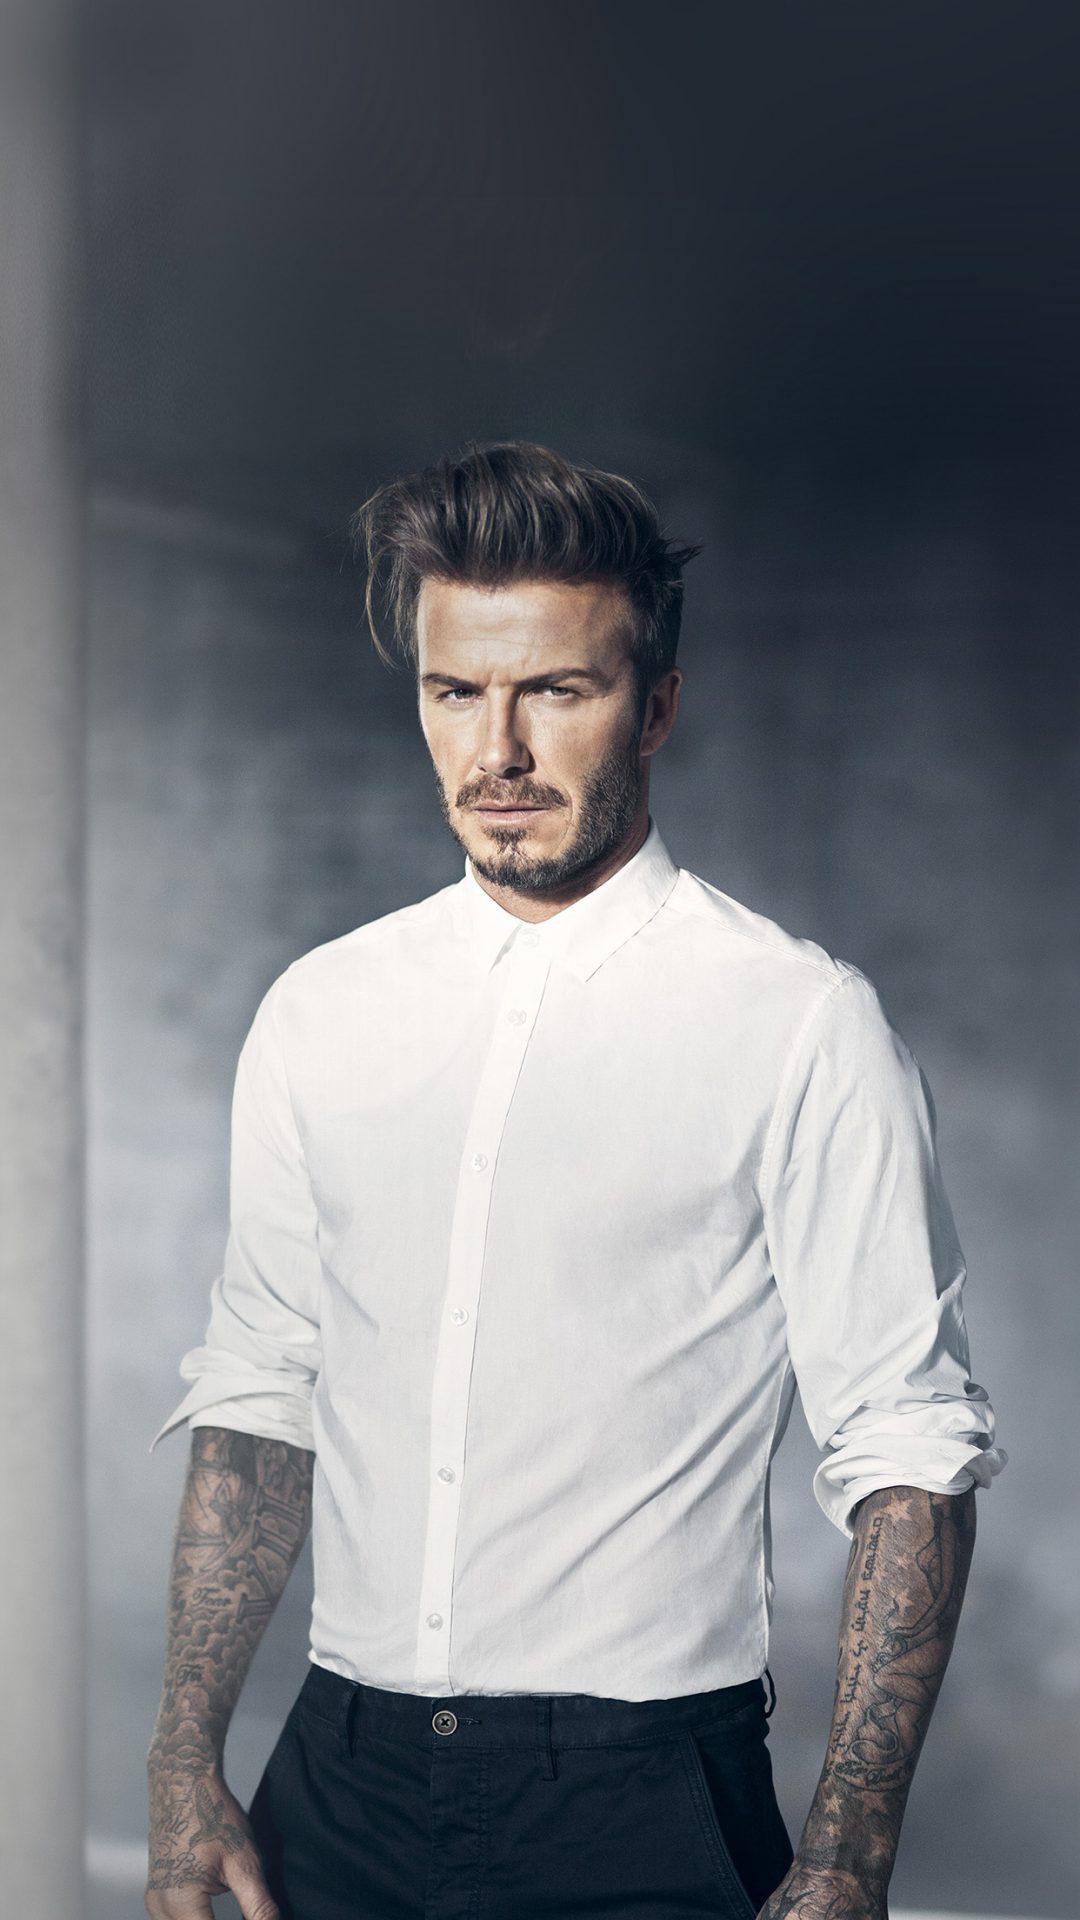 David Beckham Model Sports Handsome